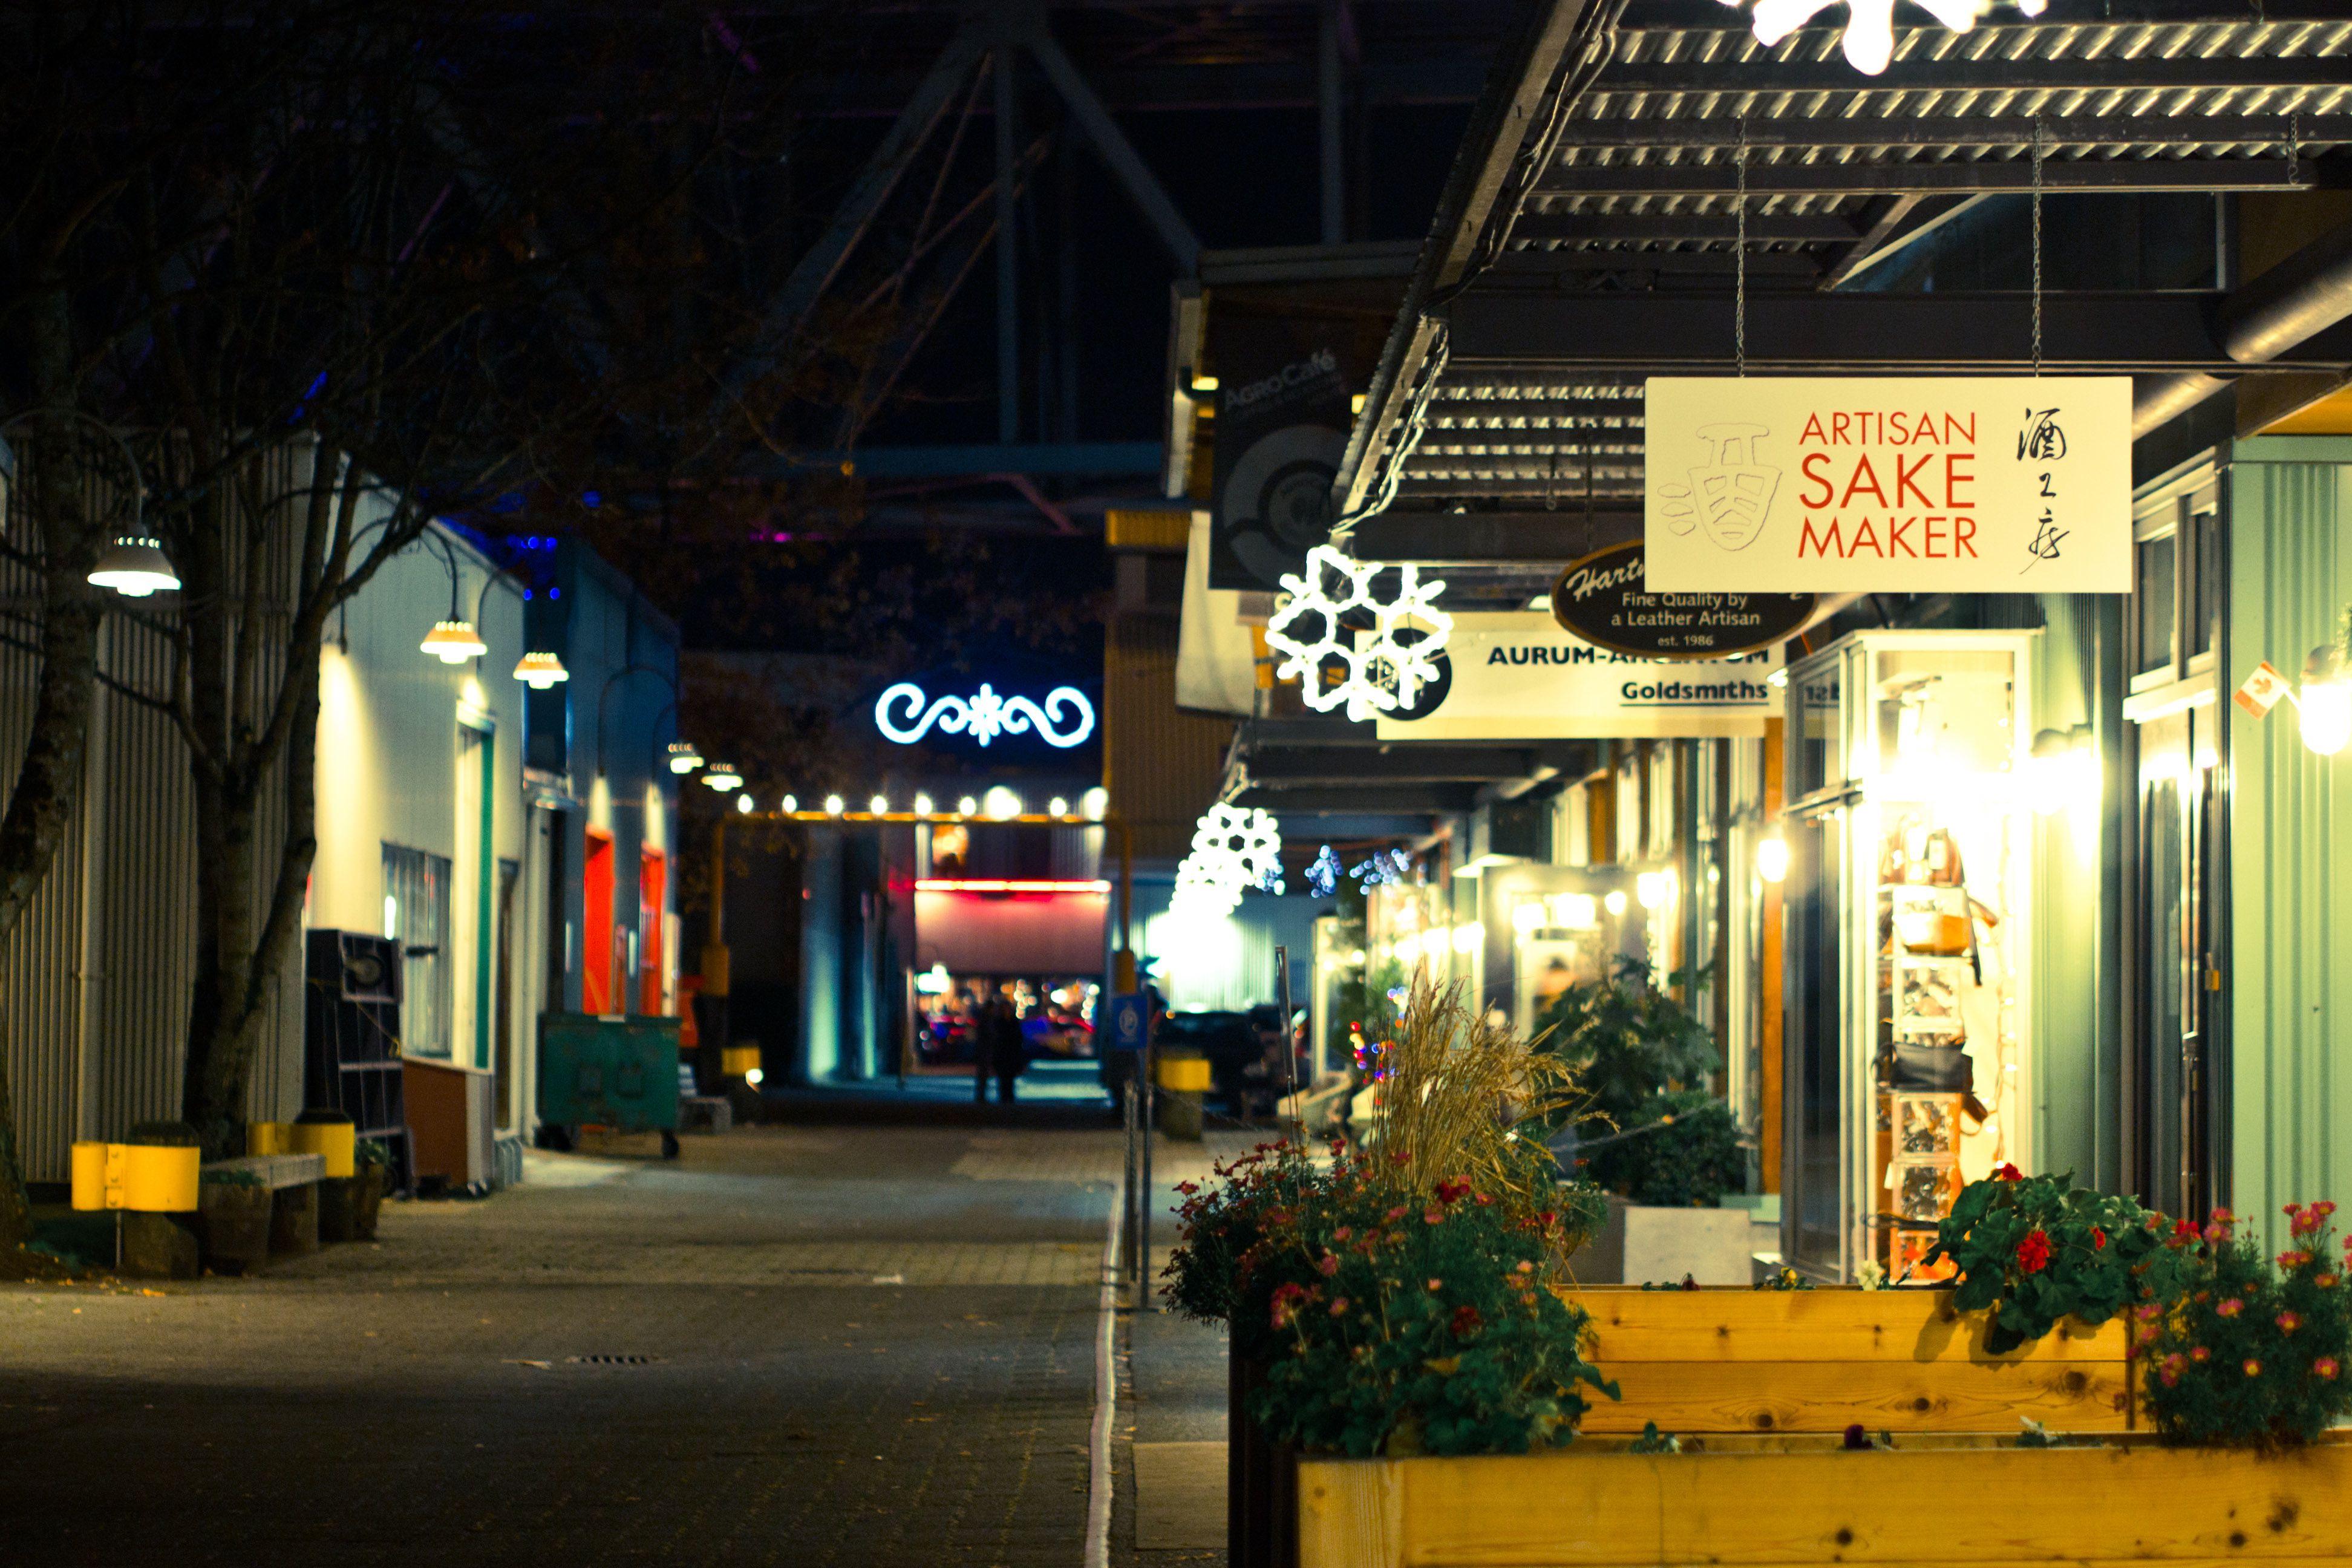 View of the Artisan Sake Maker shop at night